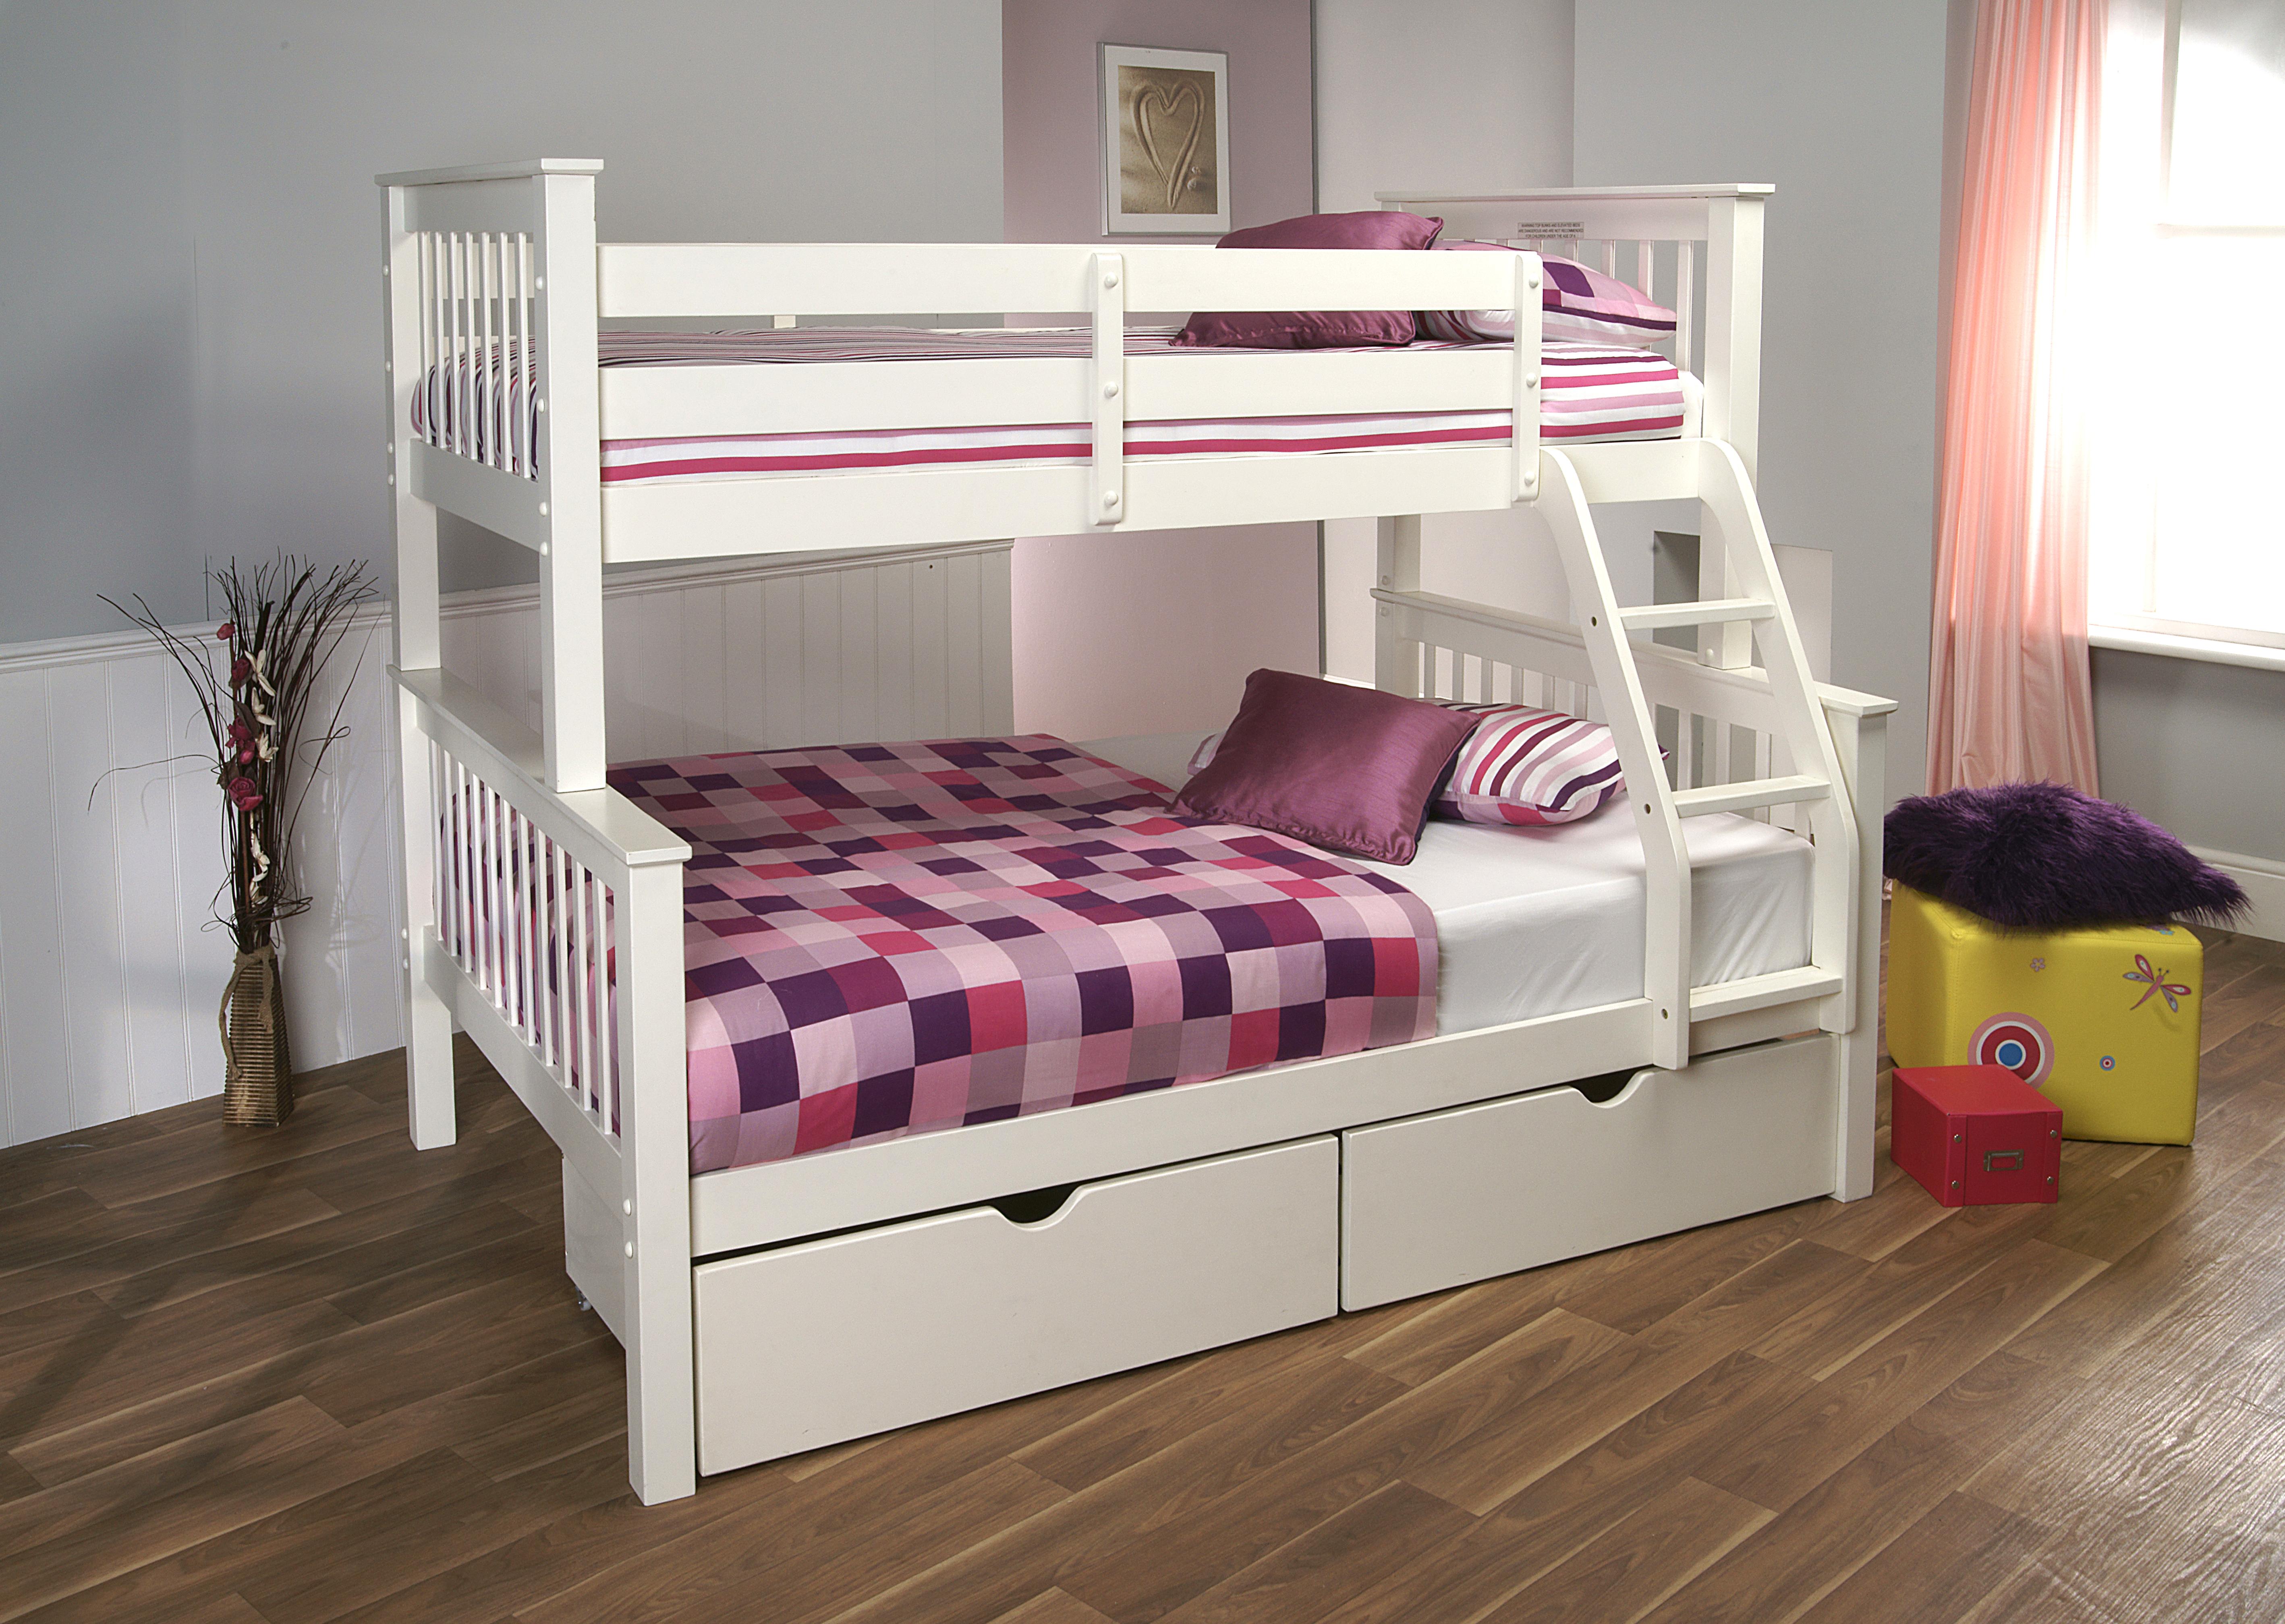 Beds Mattresses Bedrooms